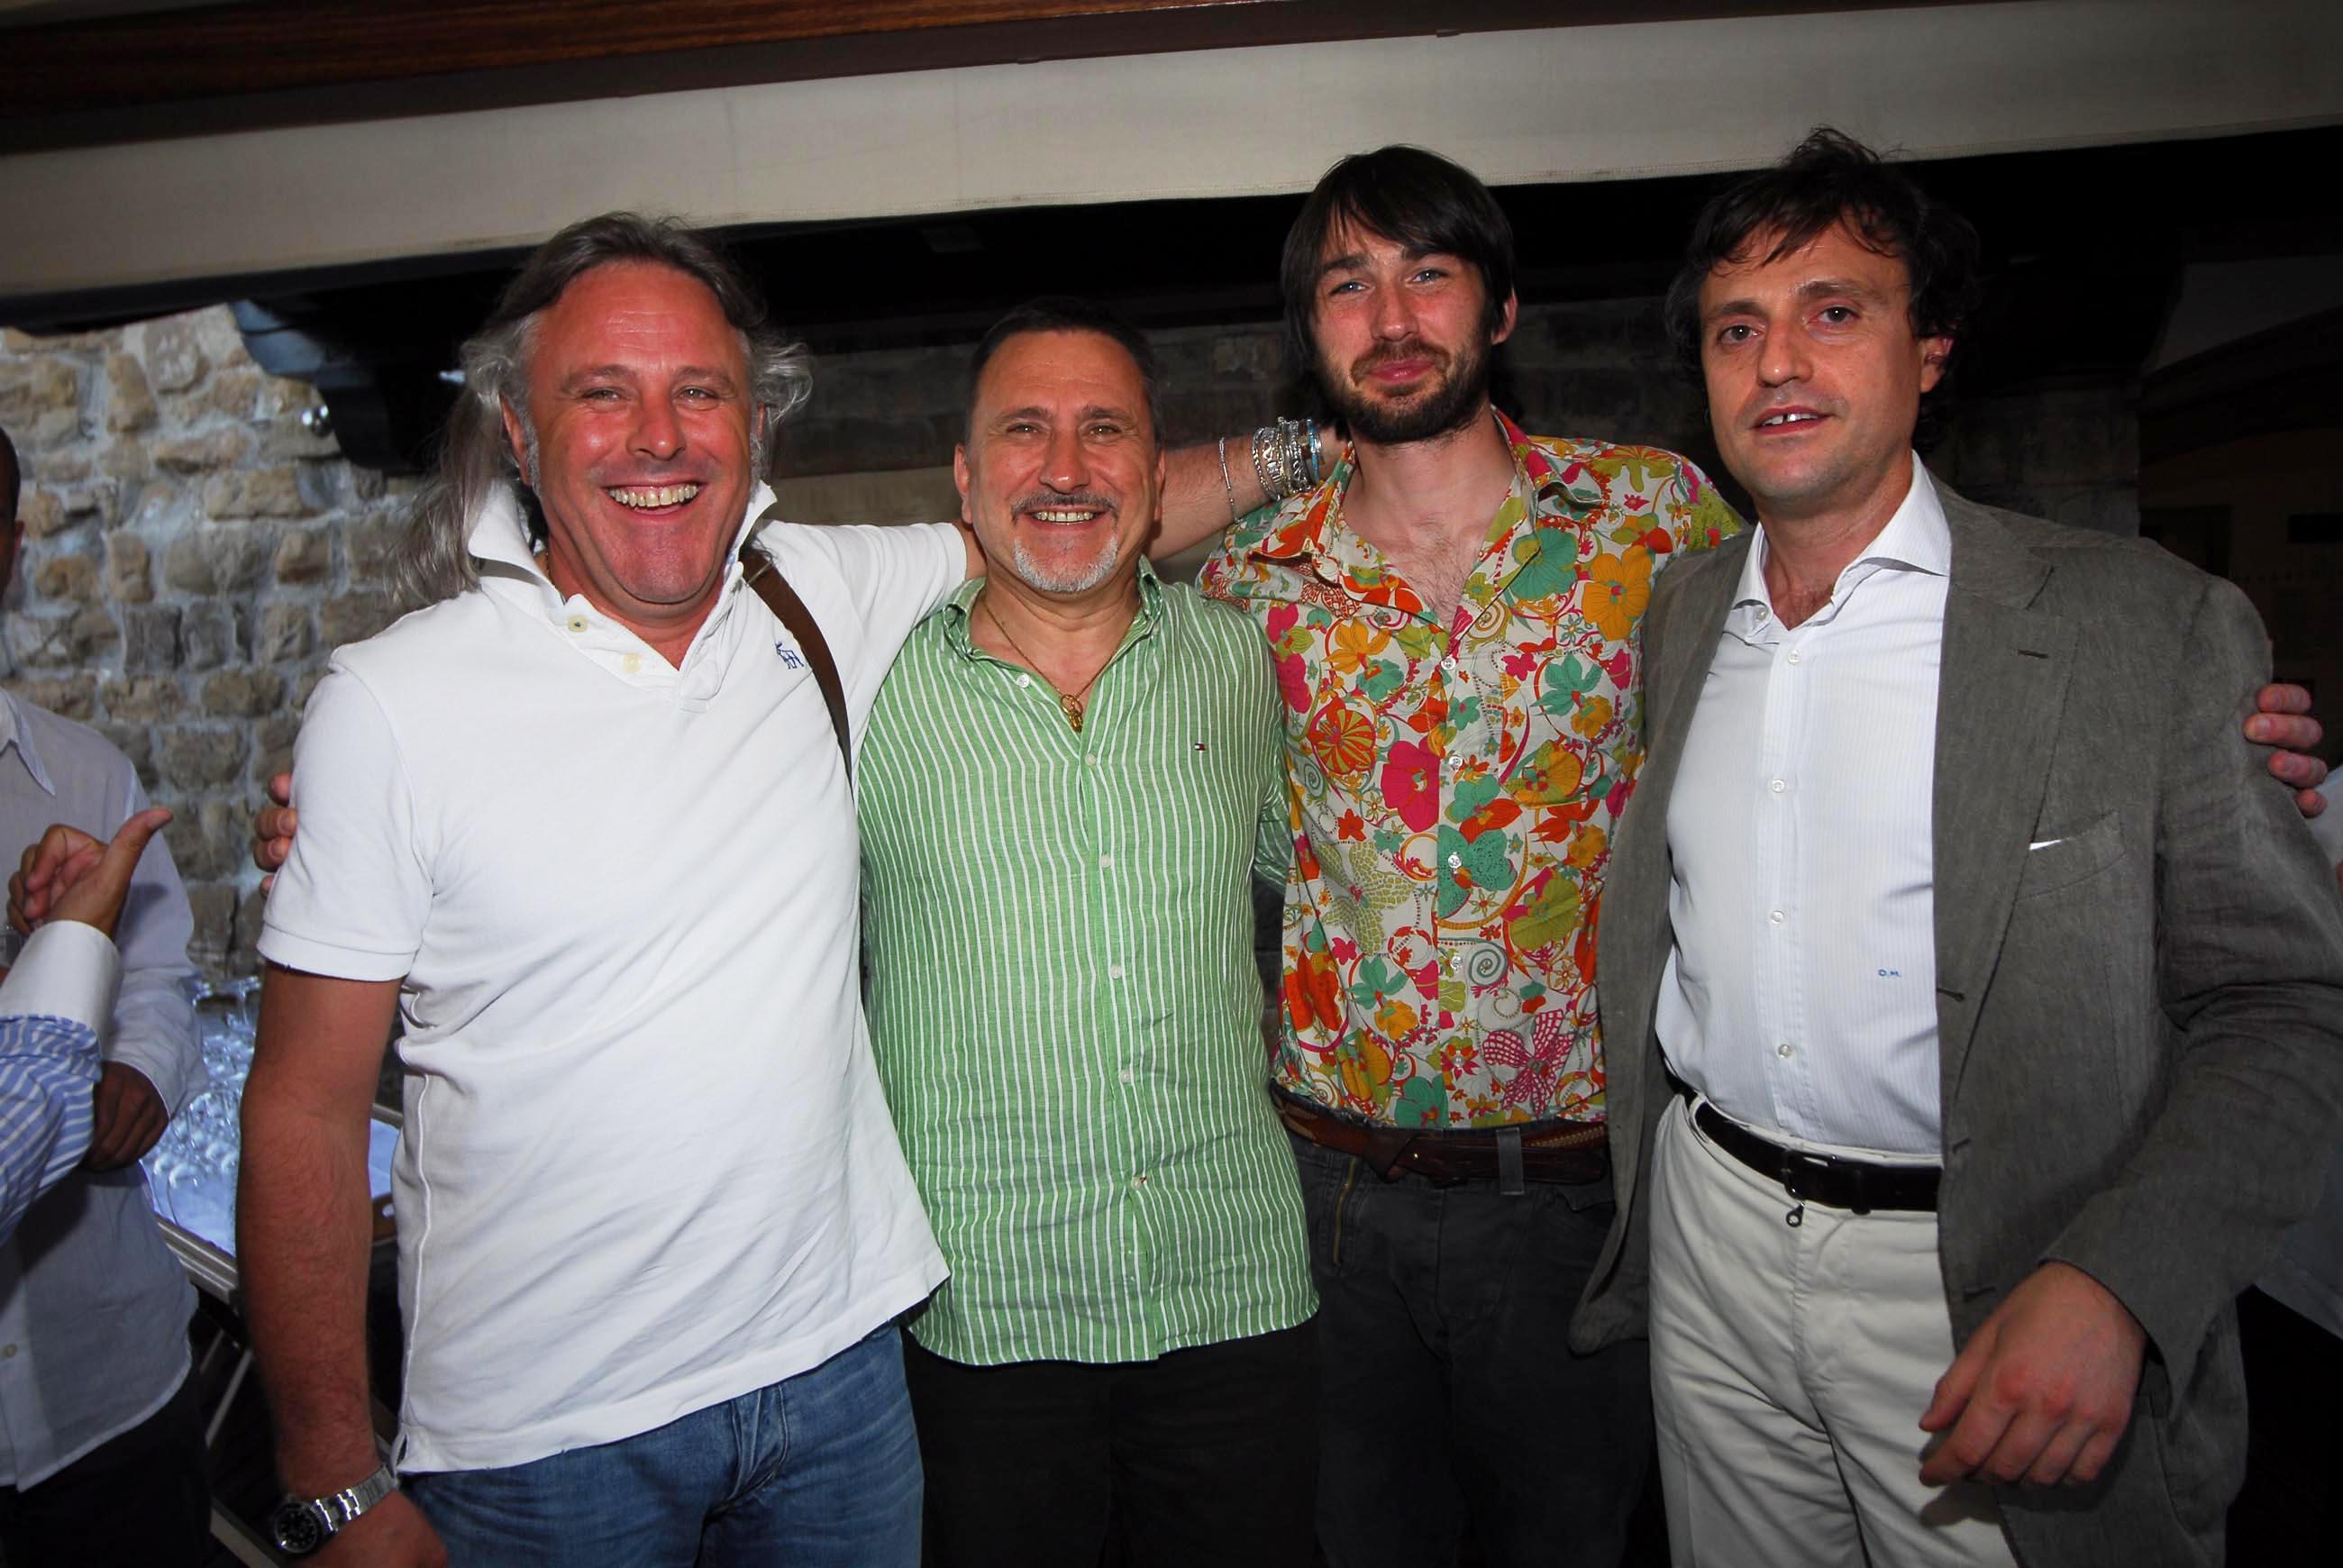 PRESSPHOTO  Firenze, Hotel Continentale. Nella foto Renzo e Gaetano Rancan, James Walley e Ducio Mannucci